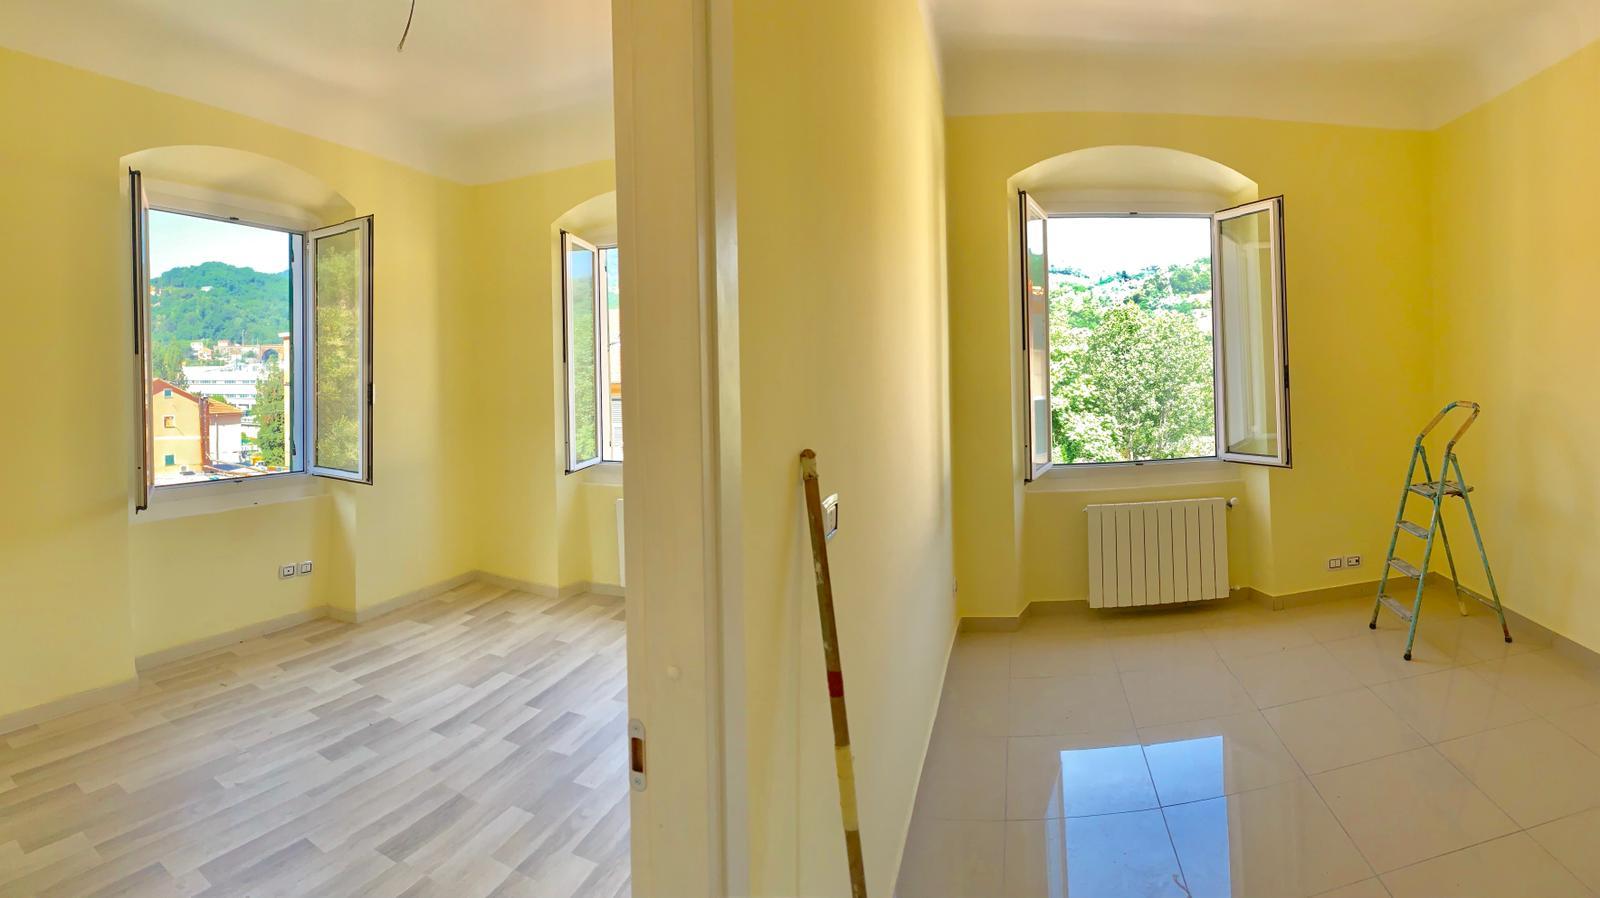 Appartamento San Quirico in Trifamiliare